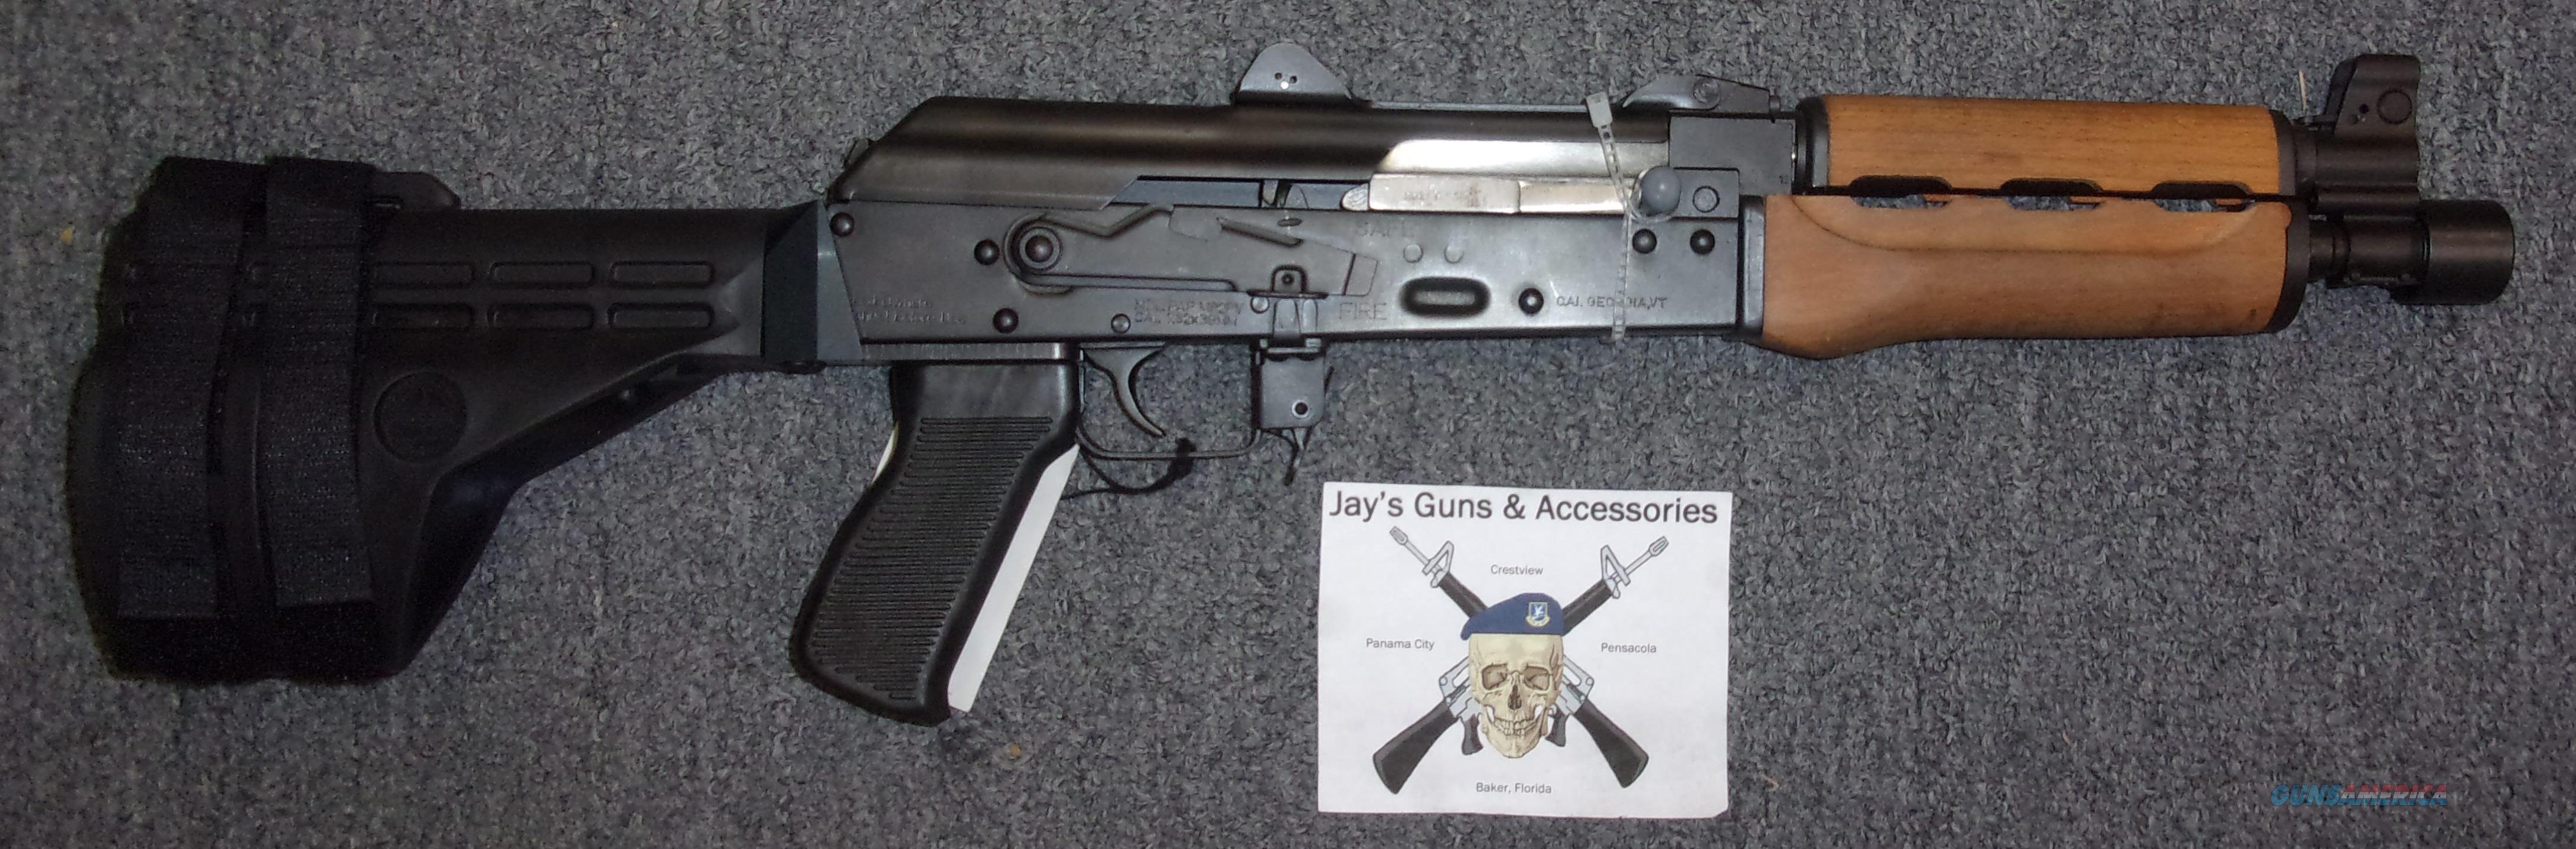 Zastava/CAI PAP M92PV  Guns > Pistols > Zastava Arms